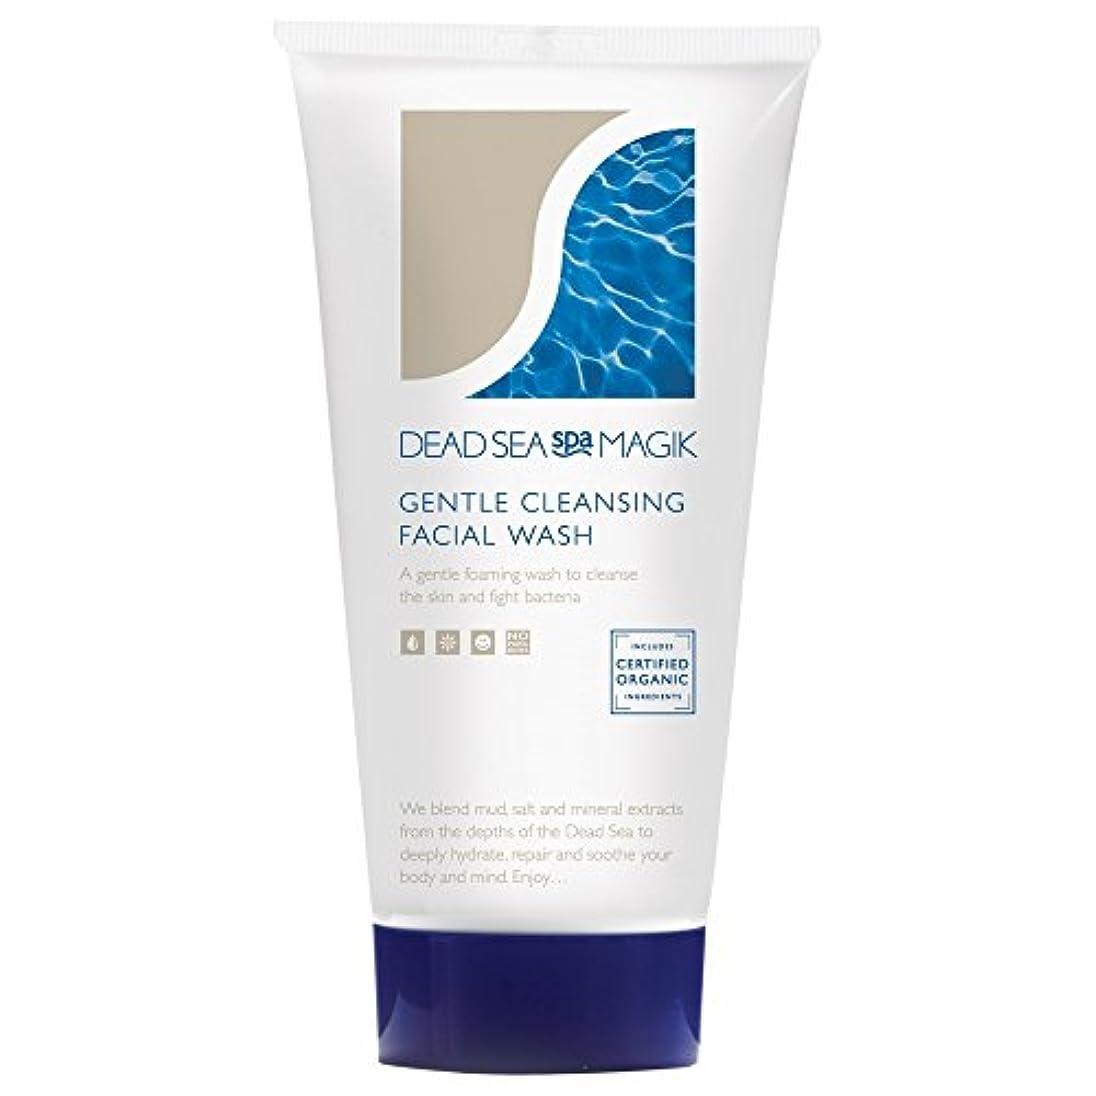 添付事業内容良い死海のスパマジック洗顔料、150ミリリットル (Dead Sea Spa Magik) - Dead Sea Spa Magik Facial Wash, 150ml [並行輸入品]